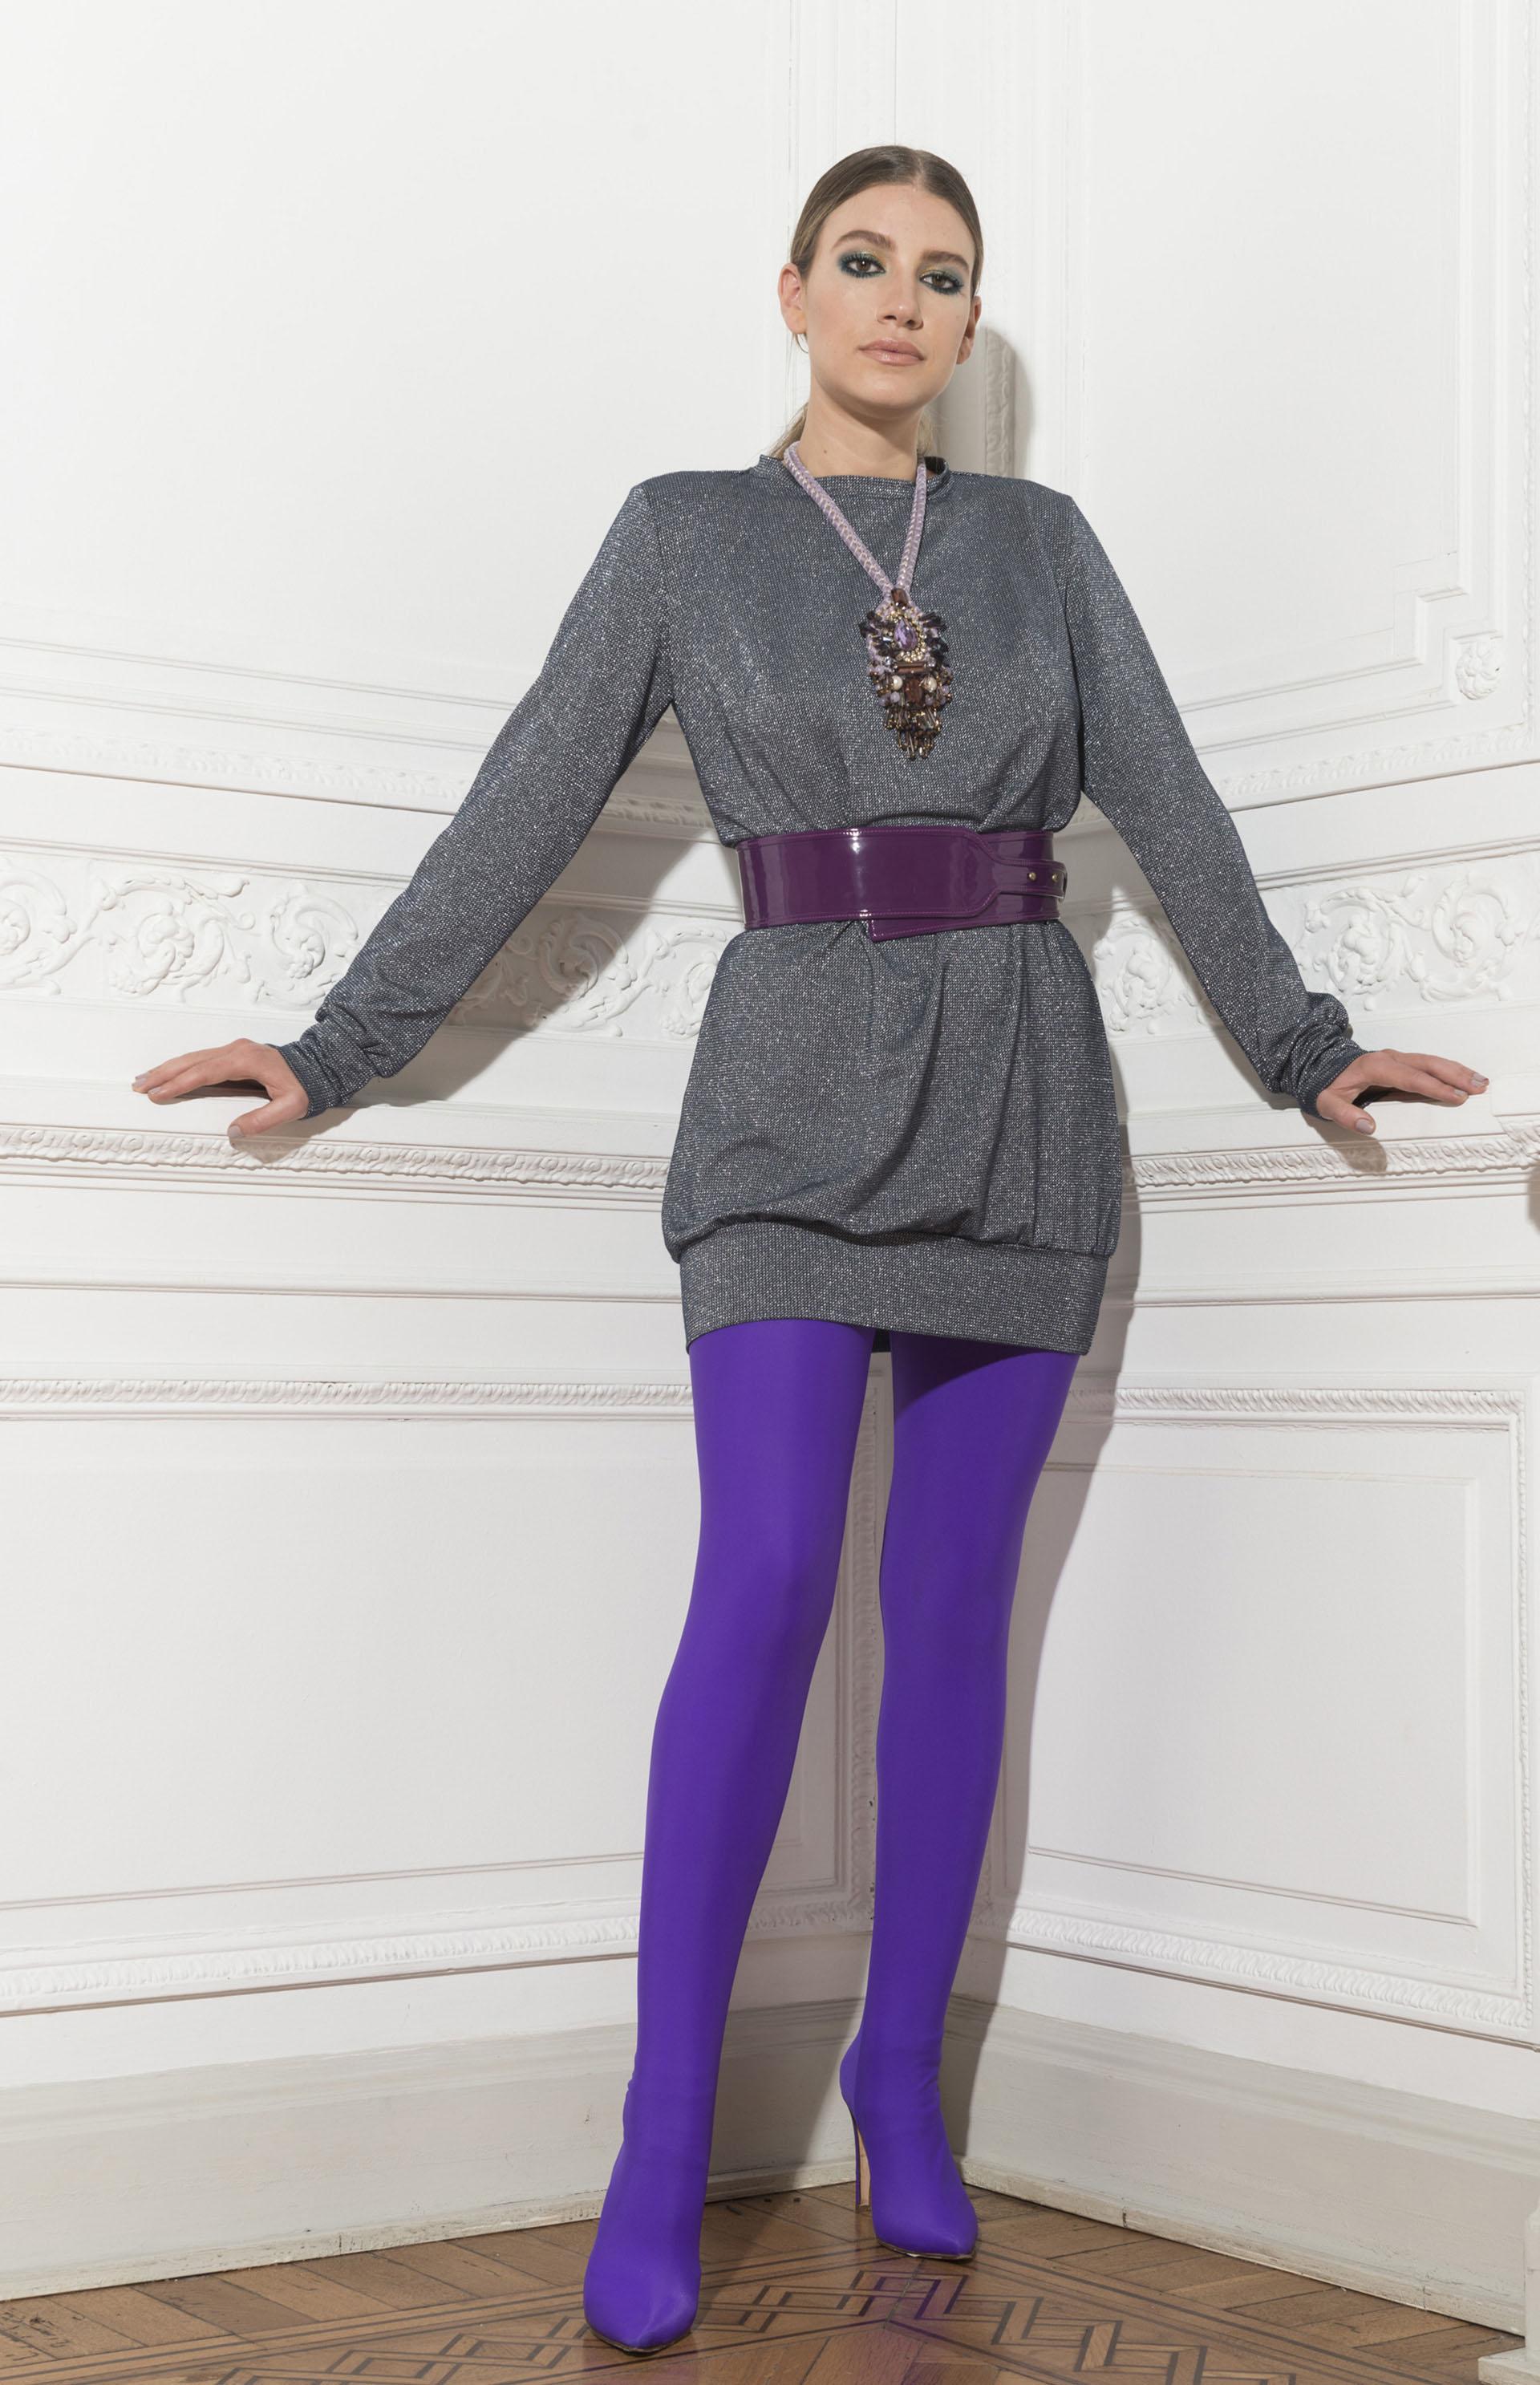 Vestido de mangas largas de lurex, faja y medias-bota violeta de Dot by Laurencio Adot. Maxi collar de terciopelo y piedras de Luna Garzon